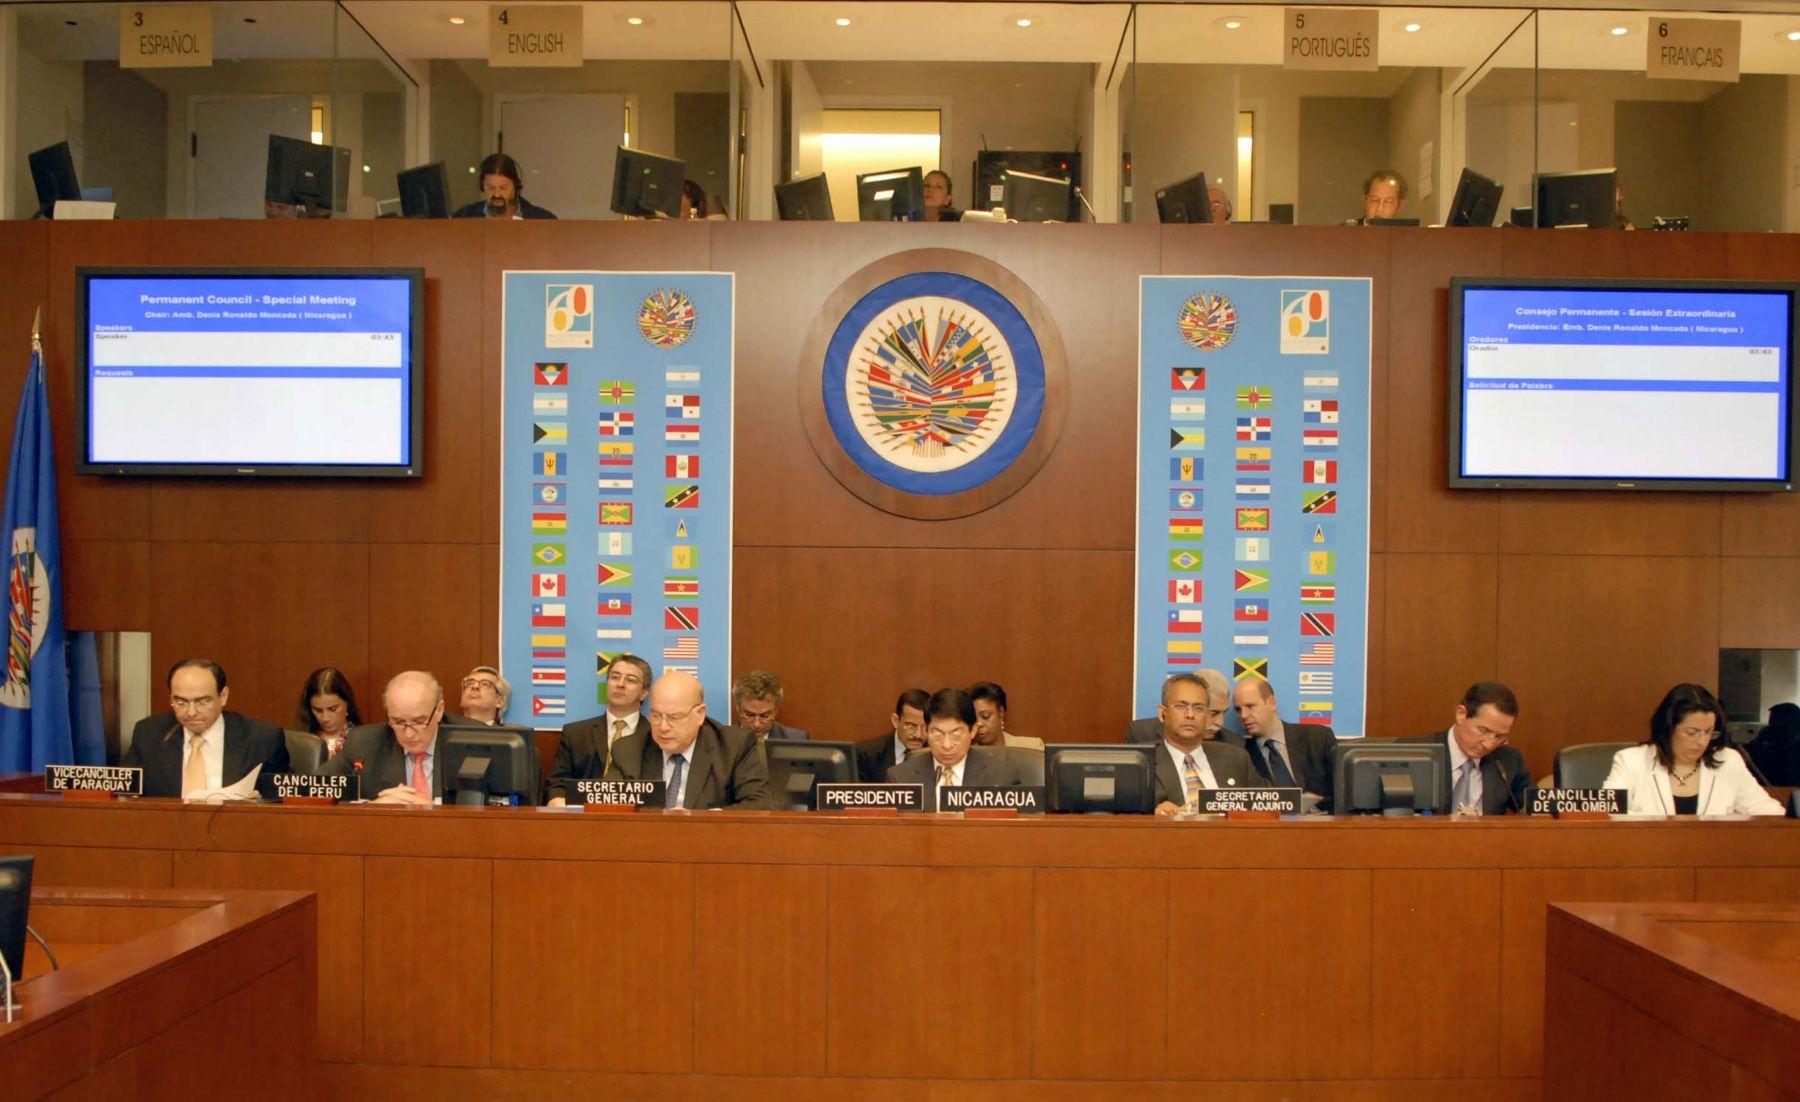 El canciller José Antonio García Belaunde participó de la sesión extraordinaria del Consejo Permanente de la OEA. Foto: ANDINA/OEA.